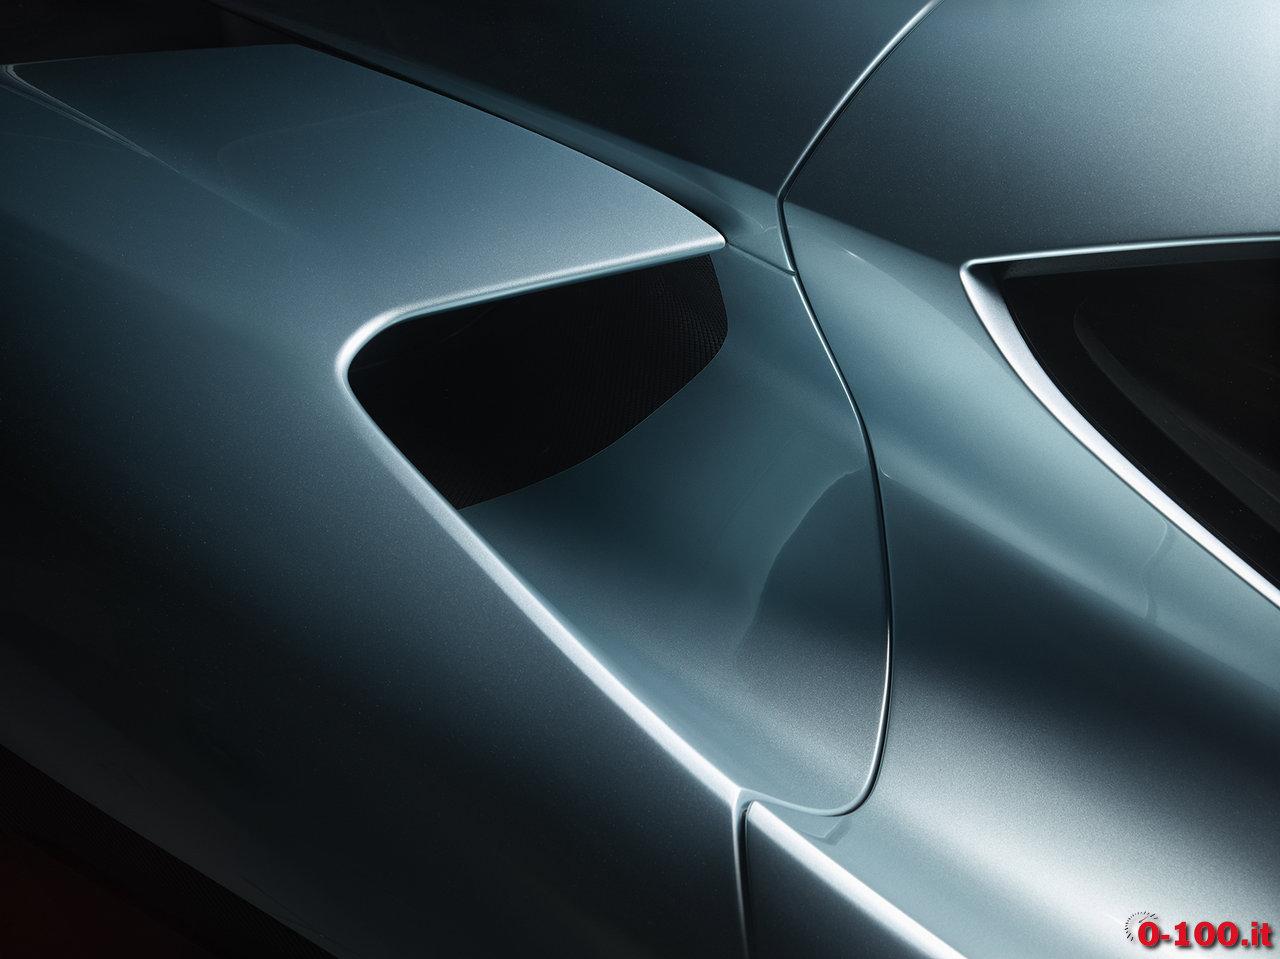 nextev_nio-ep9-china-electric-hypercar-lap-nurburgring_0-100_11